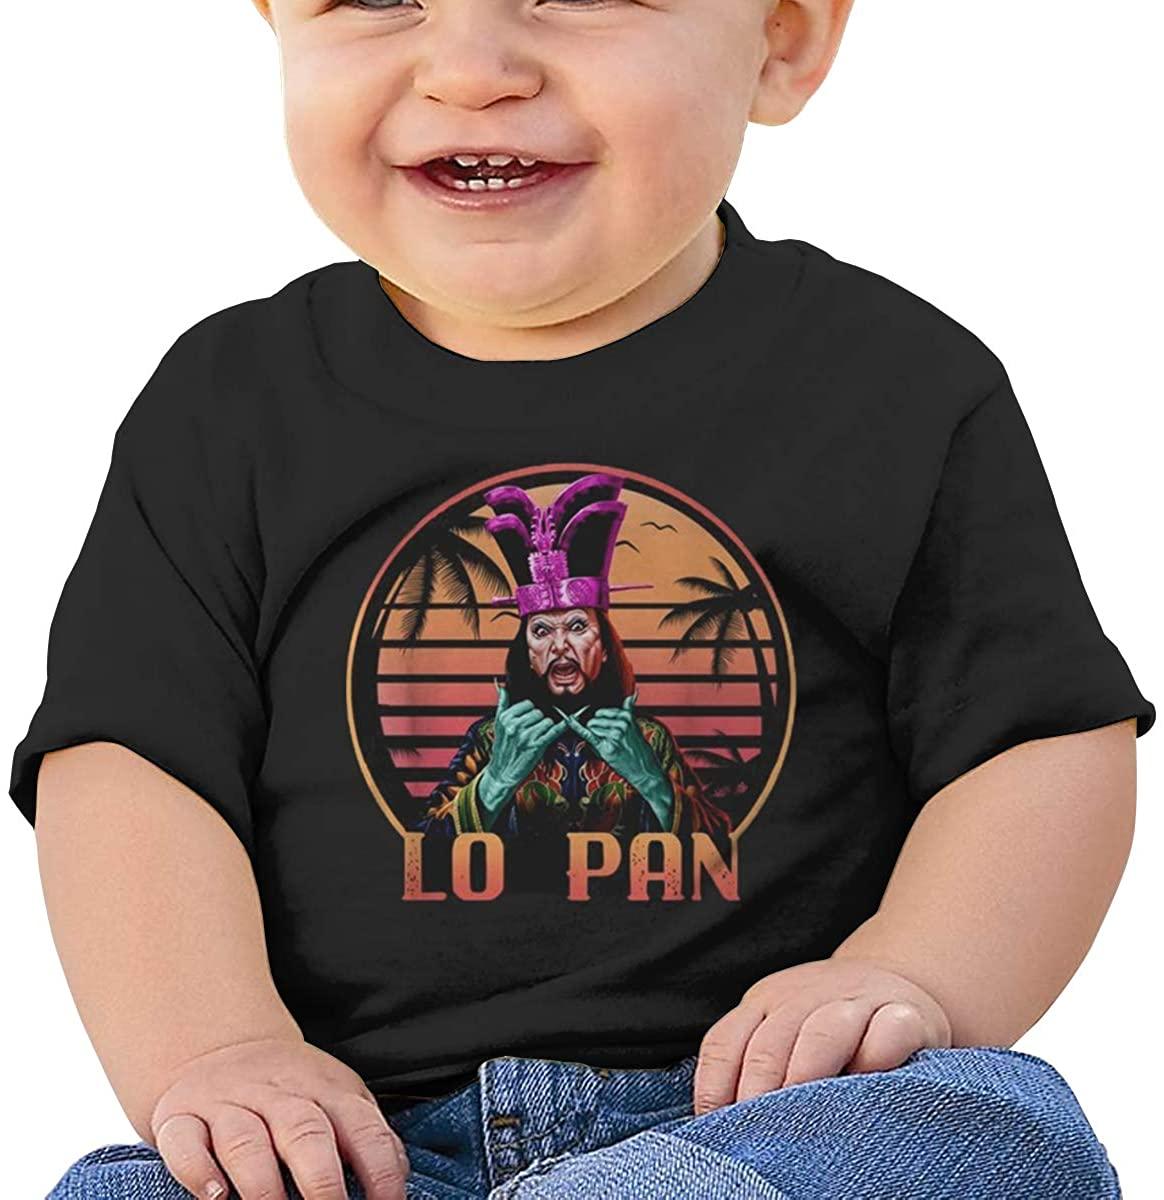 Short-Sleeved Colorful Comfortable Creative Shirt David Lo Pan Baby T-Shirt